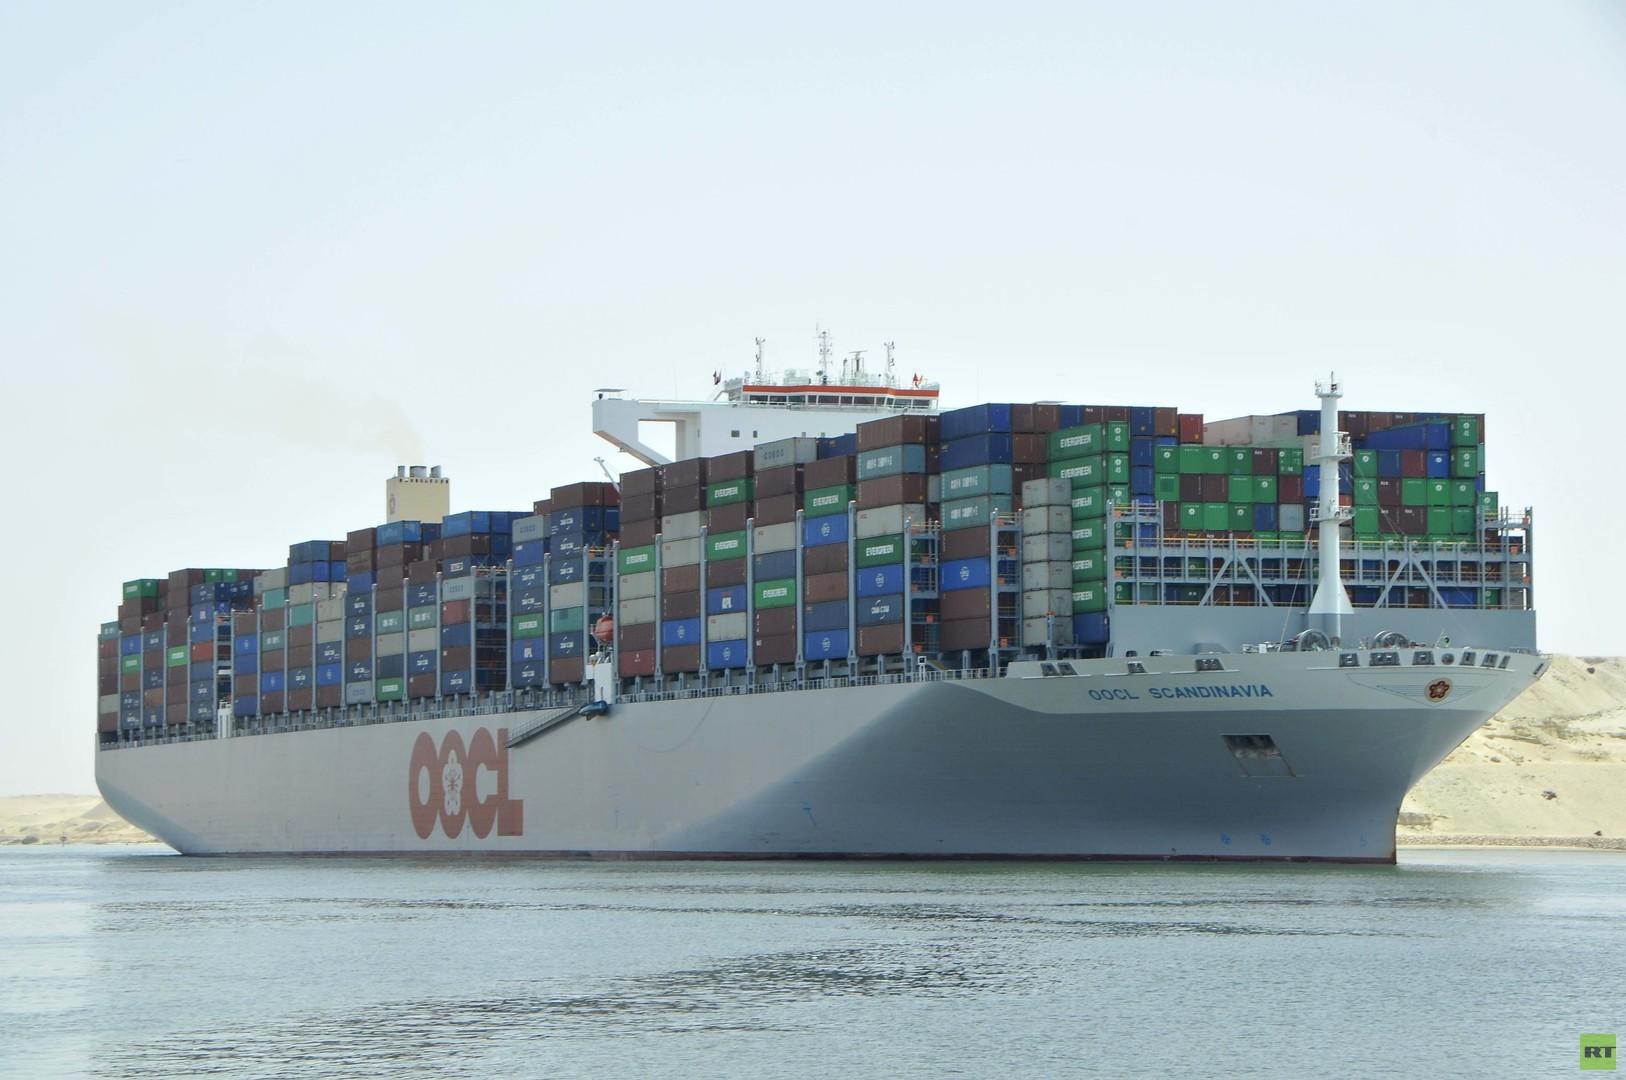 حركة الملاحة بقناة السويس تحقق رقما قياسيا (صور)